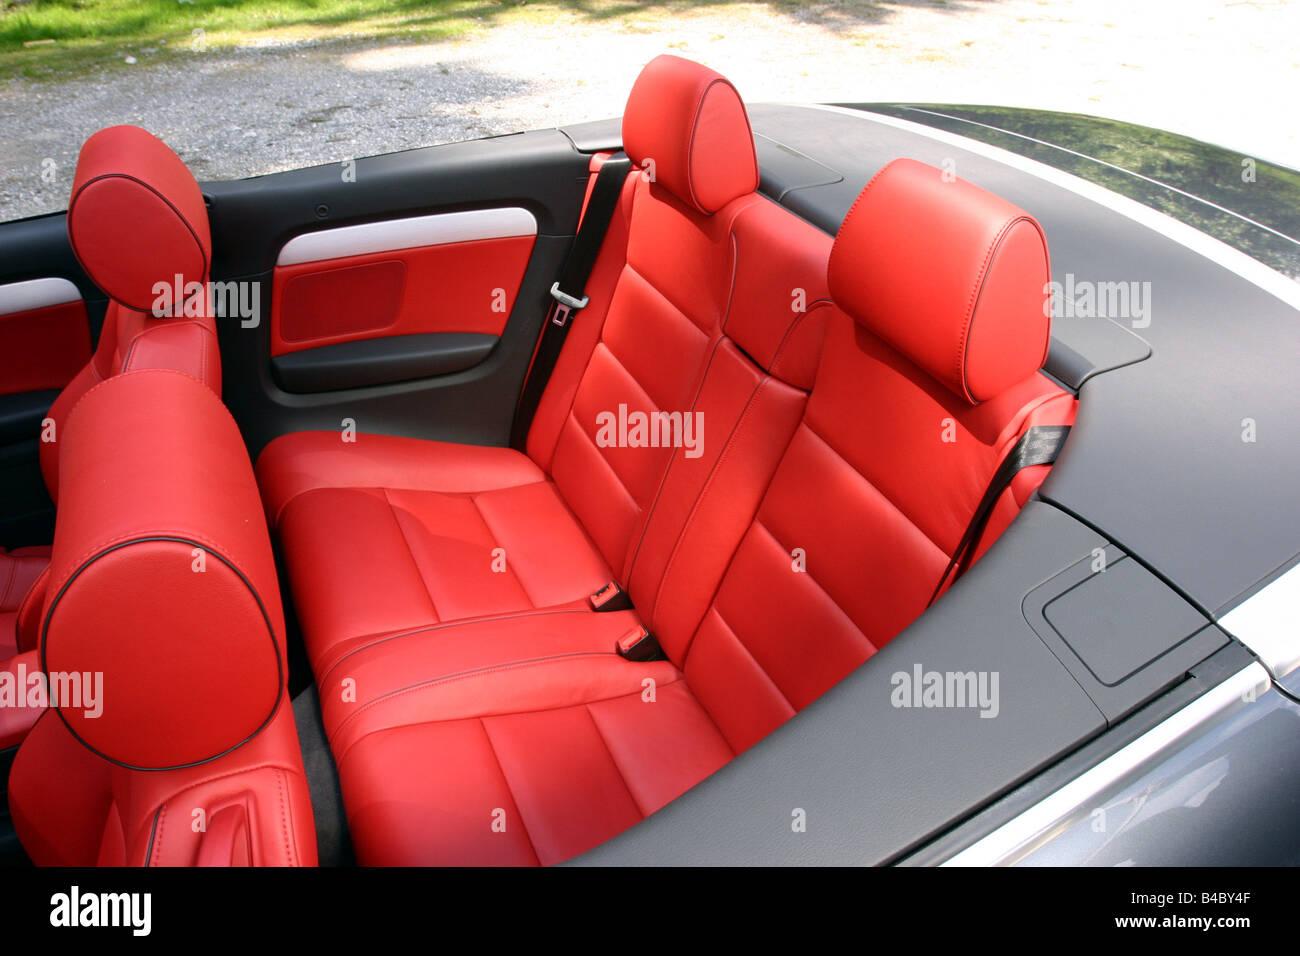 Fine Auto Audi S4 Cabrio Baujahr 2003 Offnen Sie Oben Spiritservingveterans Wood Chair Design Ideas Spiritservingveteransorg